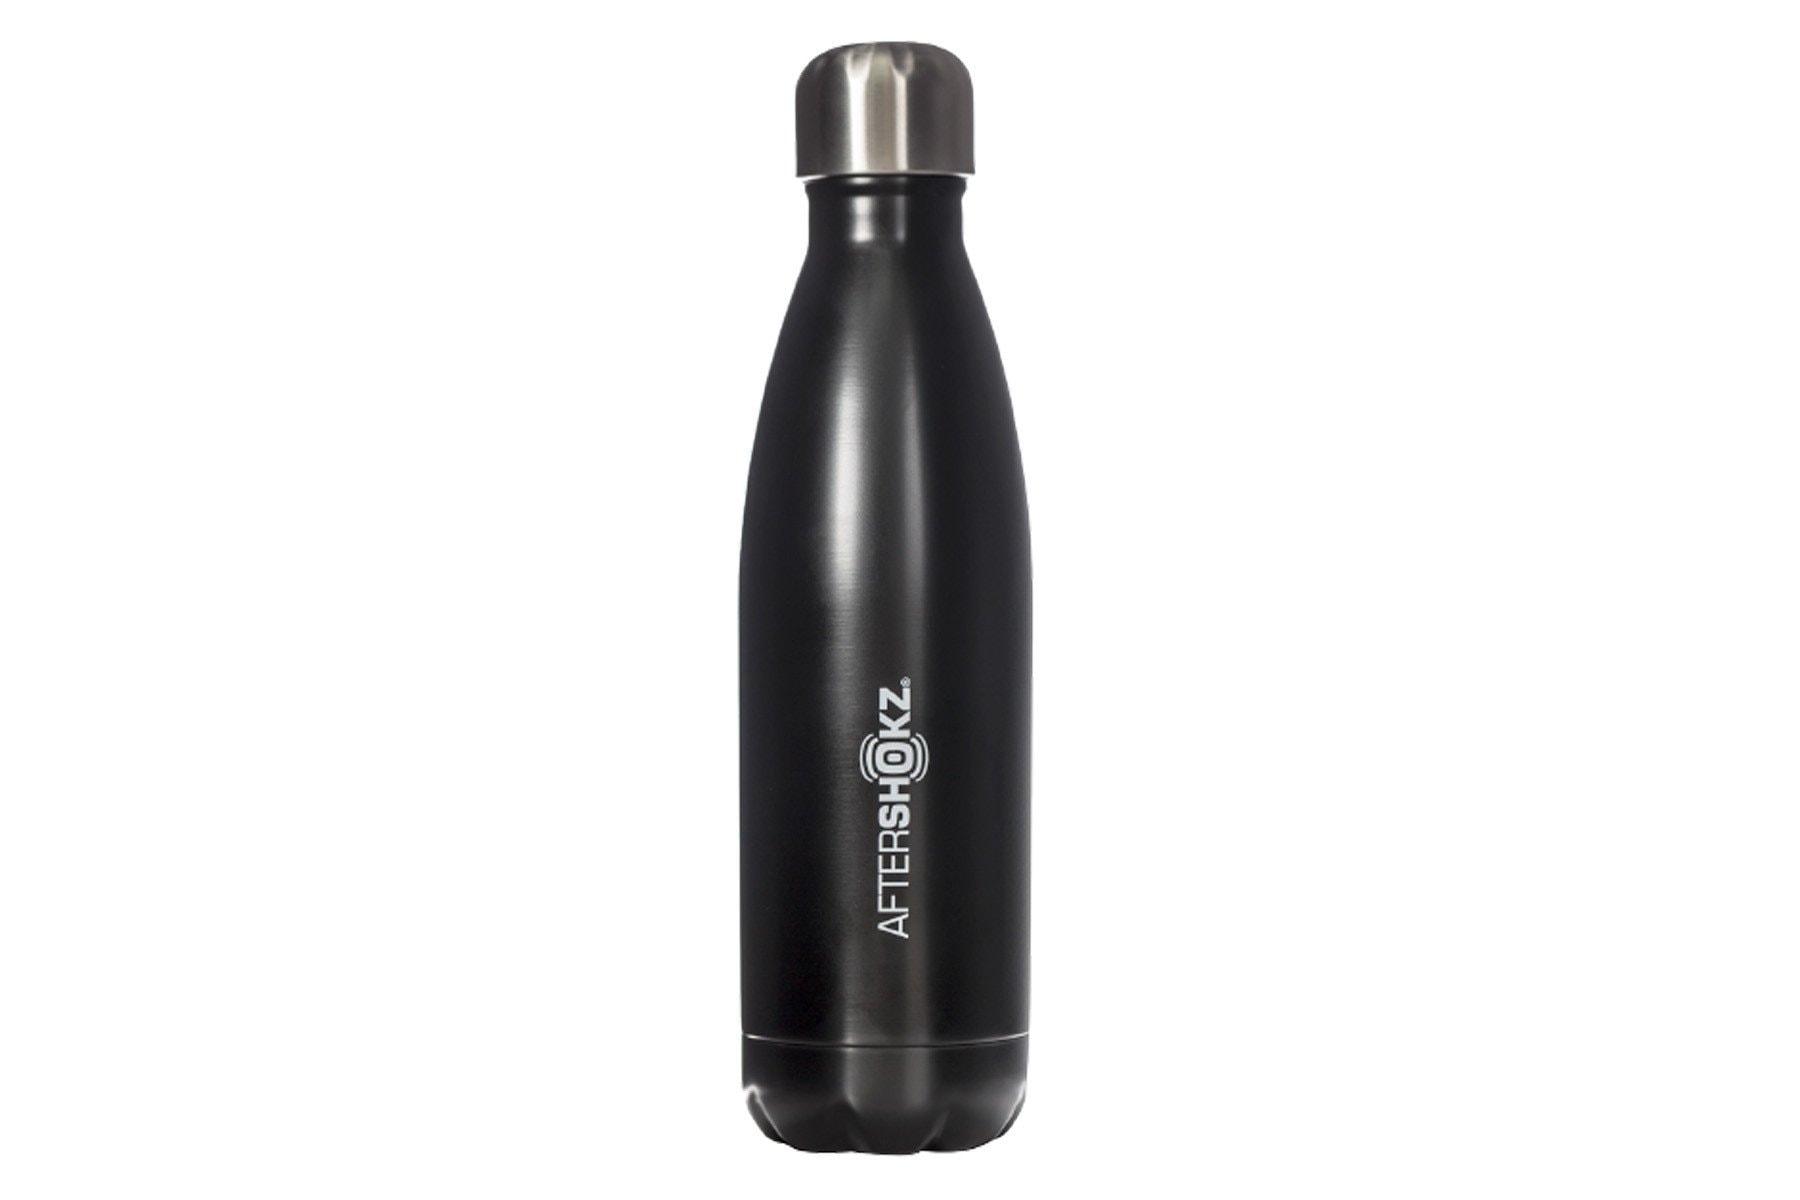 Металлическая бутылка для воды AfterShokz Water Bottle 500мл GA0002